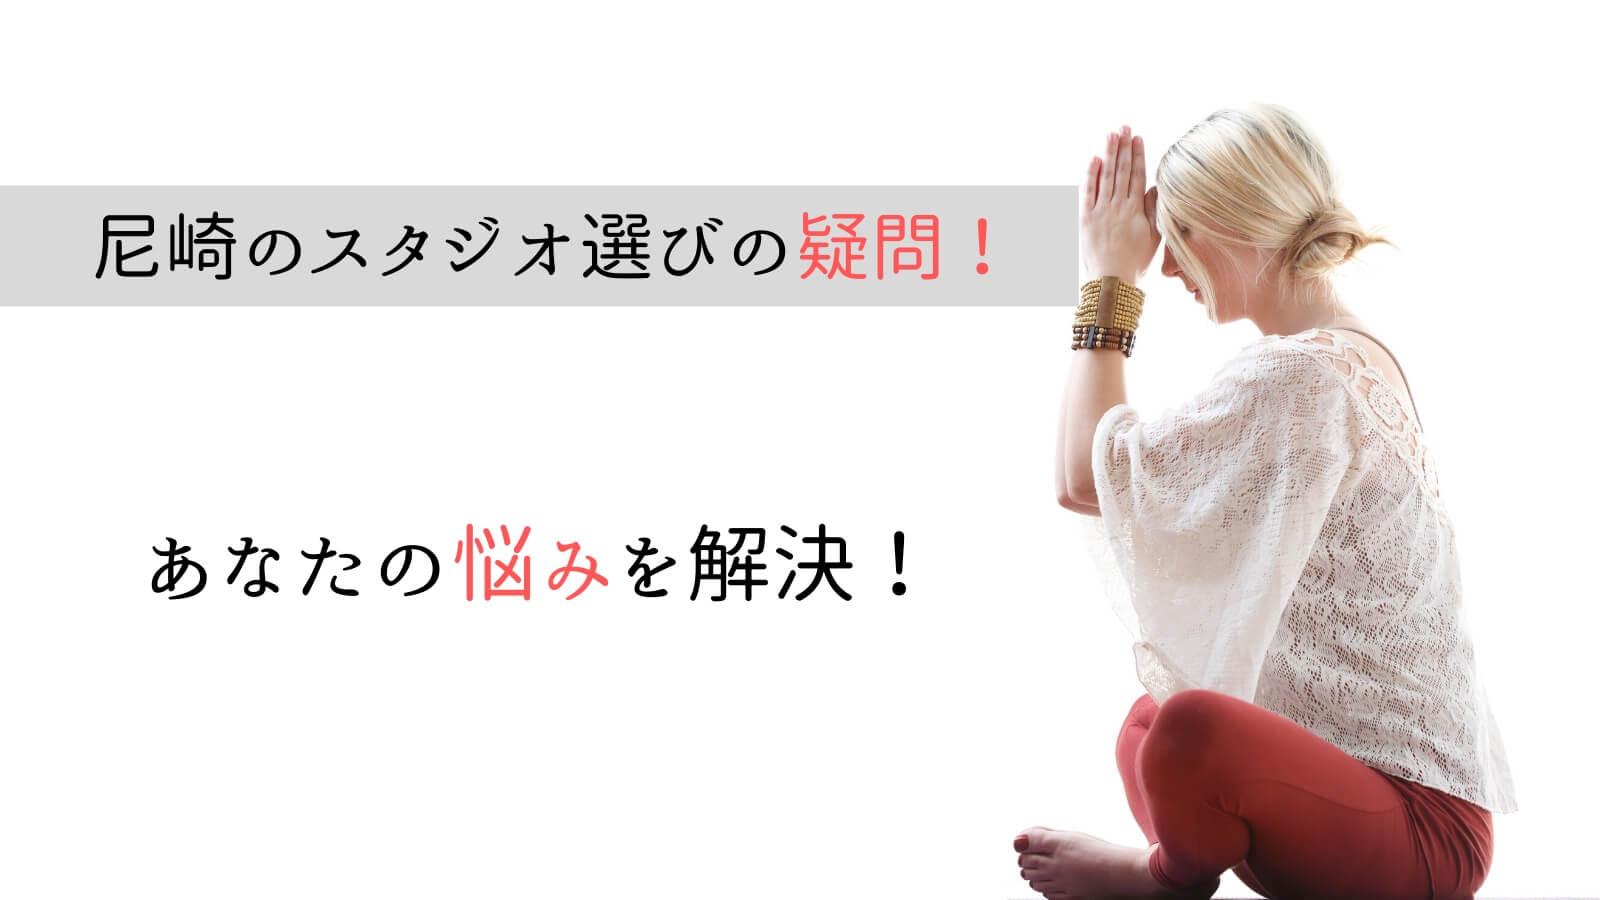 尼崎でのヨガ・ホットヨガスタジオ選びに関するQ&A